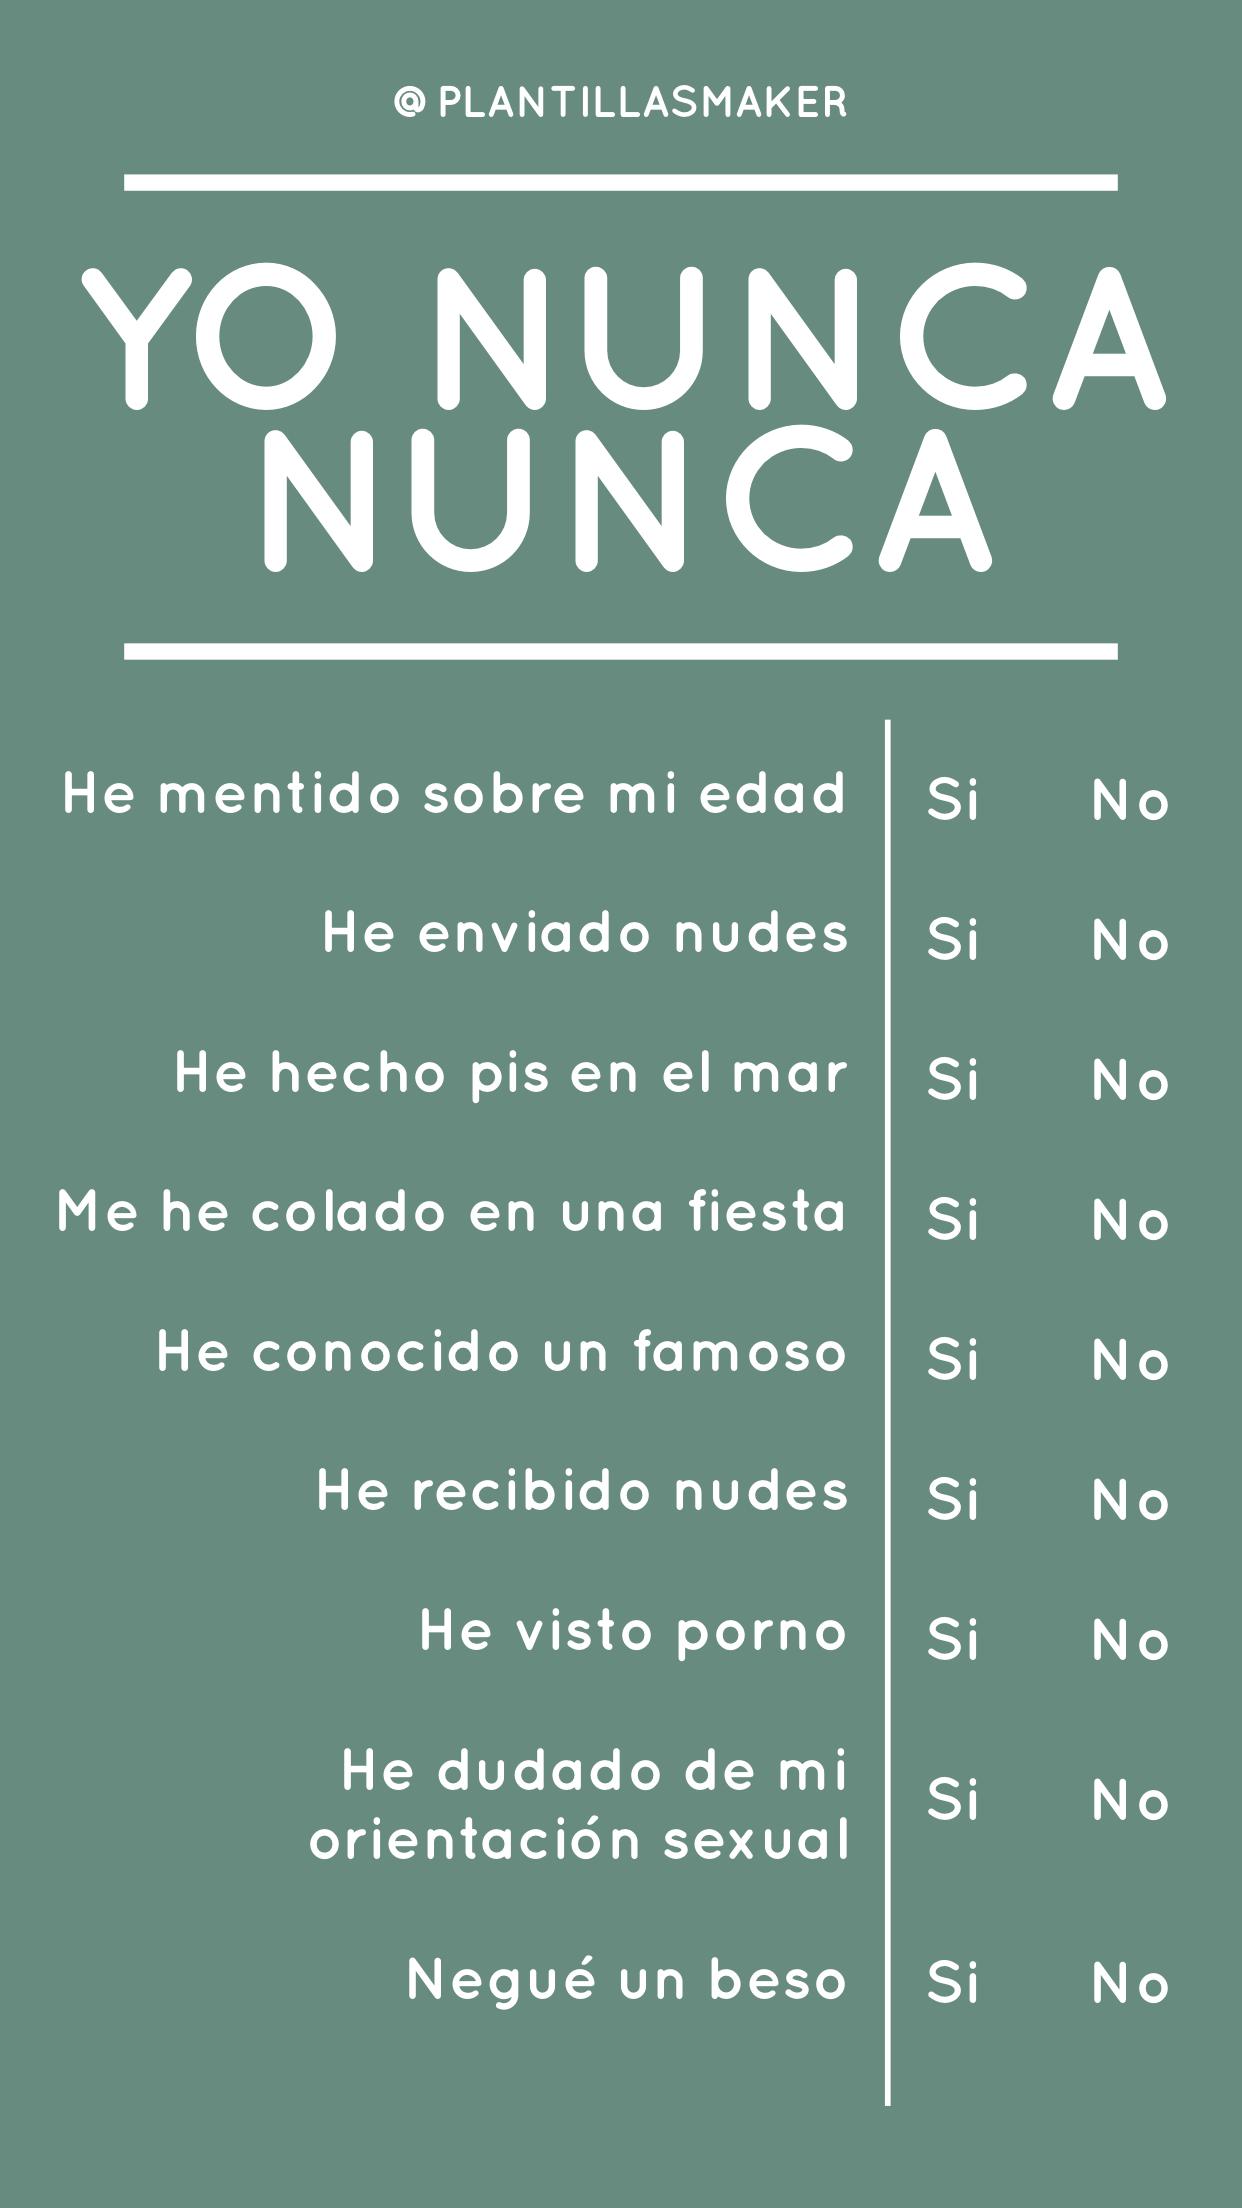 Yo Nunca Nunca 3 Cuestionario Para Amigos Retos Para Instagram Verdad Y Reto From old portuguese nunca, from latin numquam (never). yo nunca nunca 3 cuestionario para